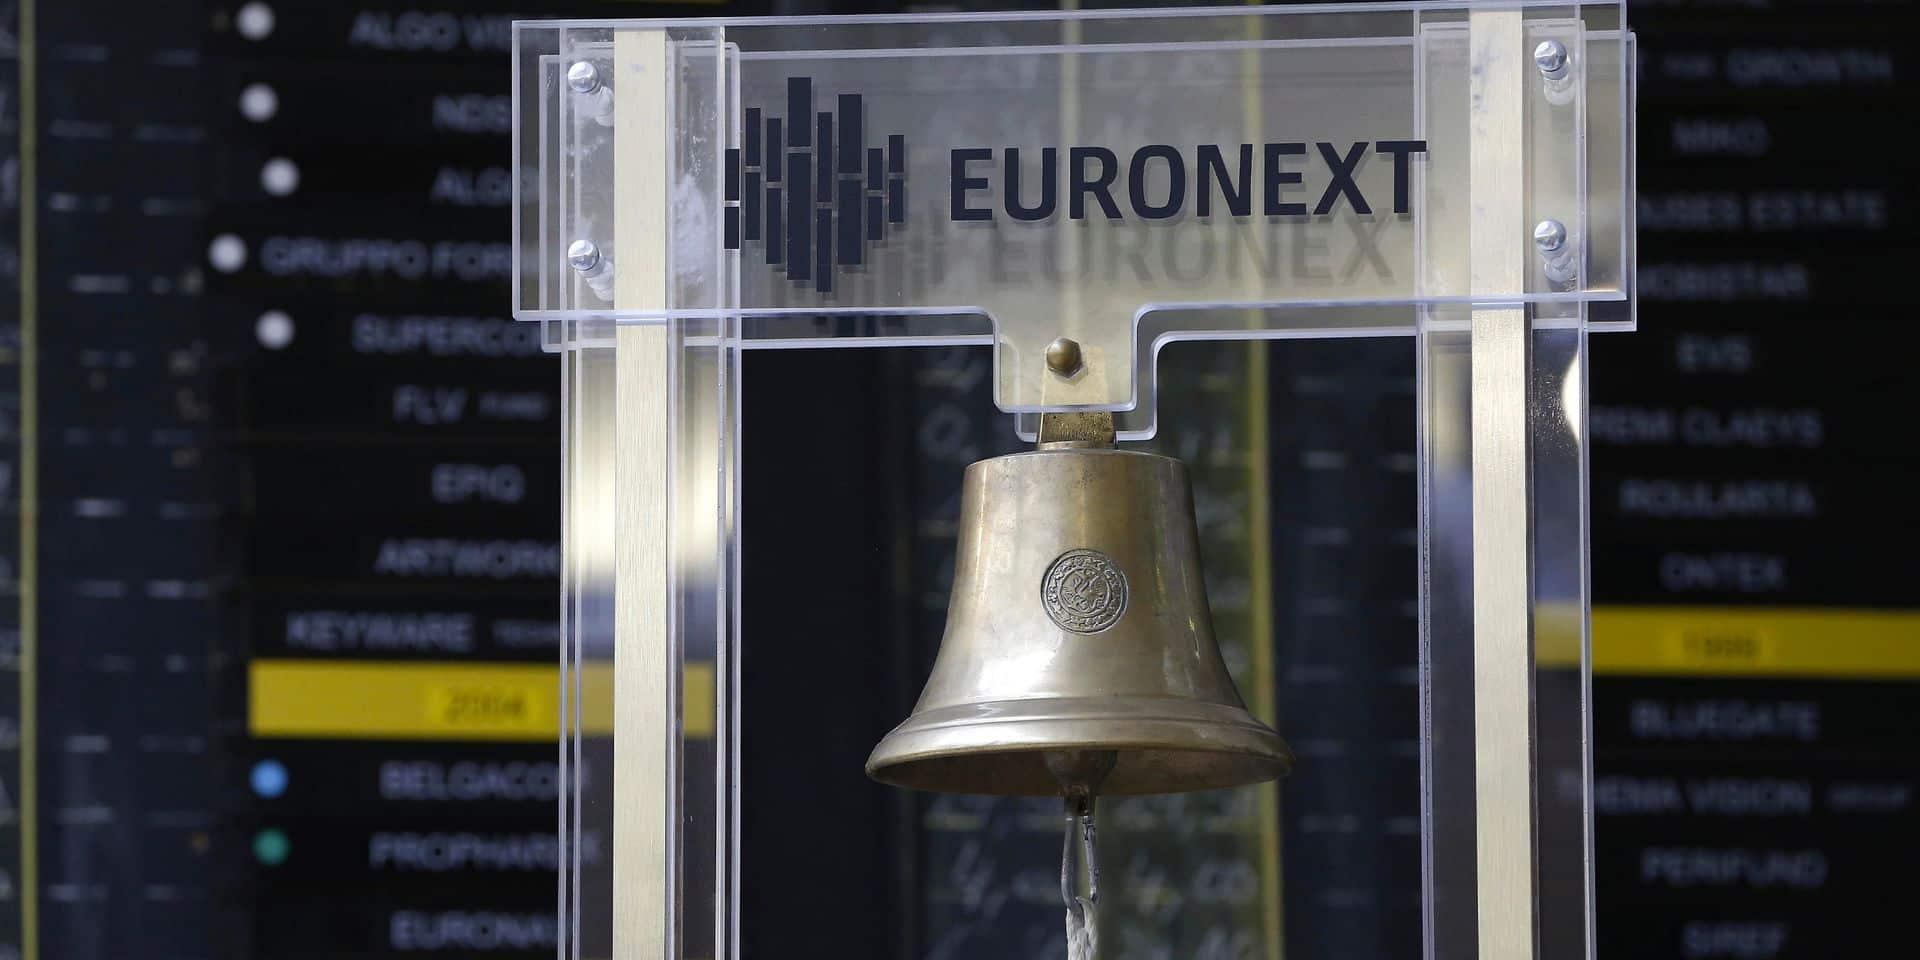 Les Bourses européennes en nette recul avant la clôture, Paris et Londres lâchent plus de 3%